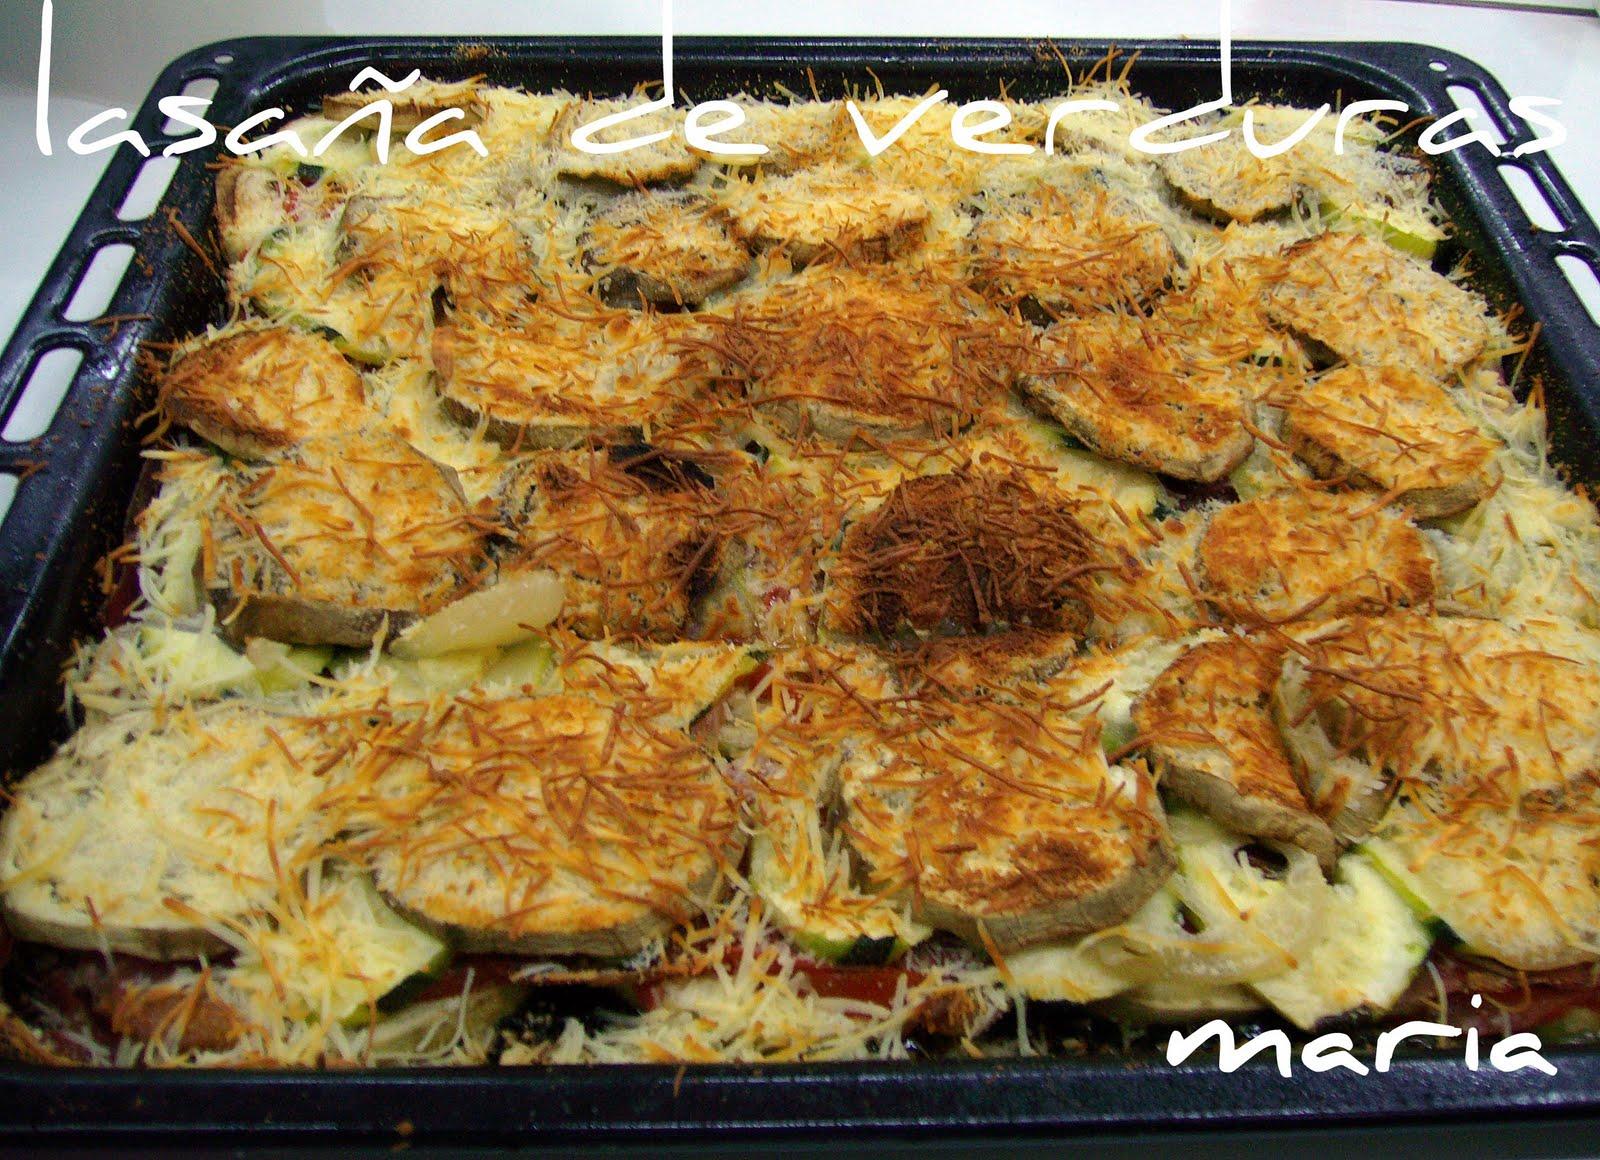 Los dulces de mama mari verduras al horno - Verduras rellenas al horno ...